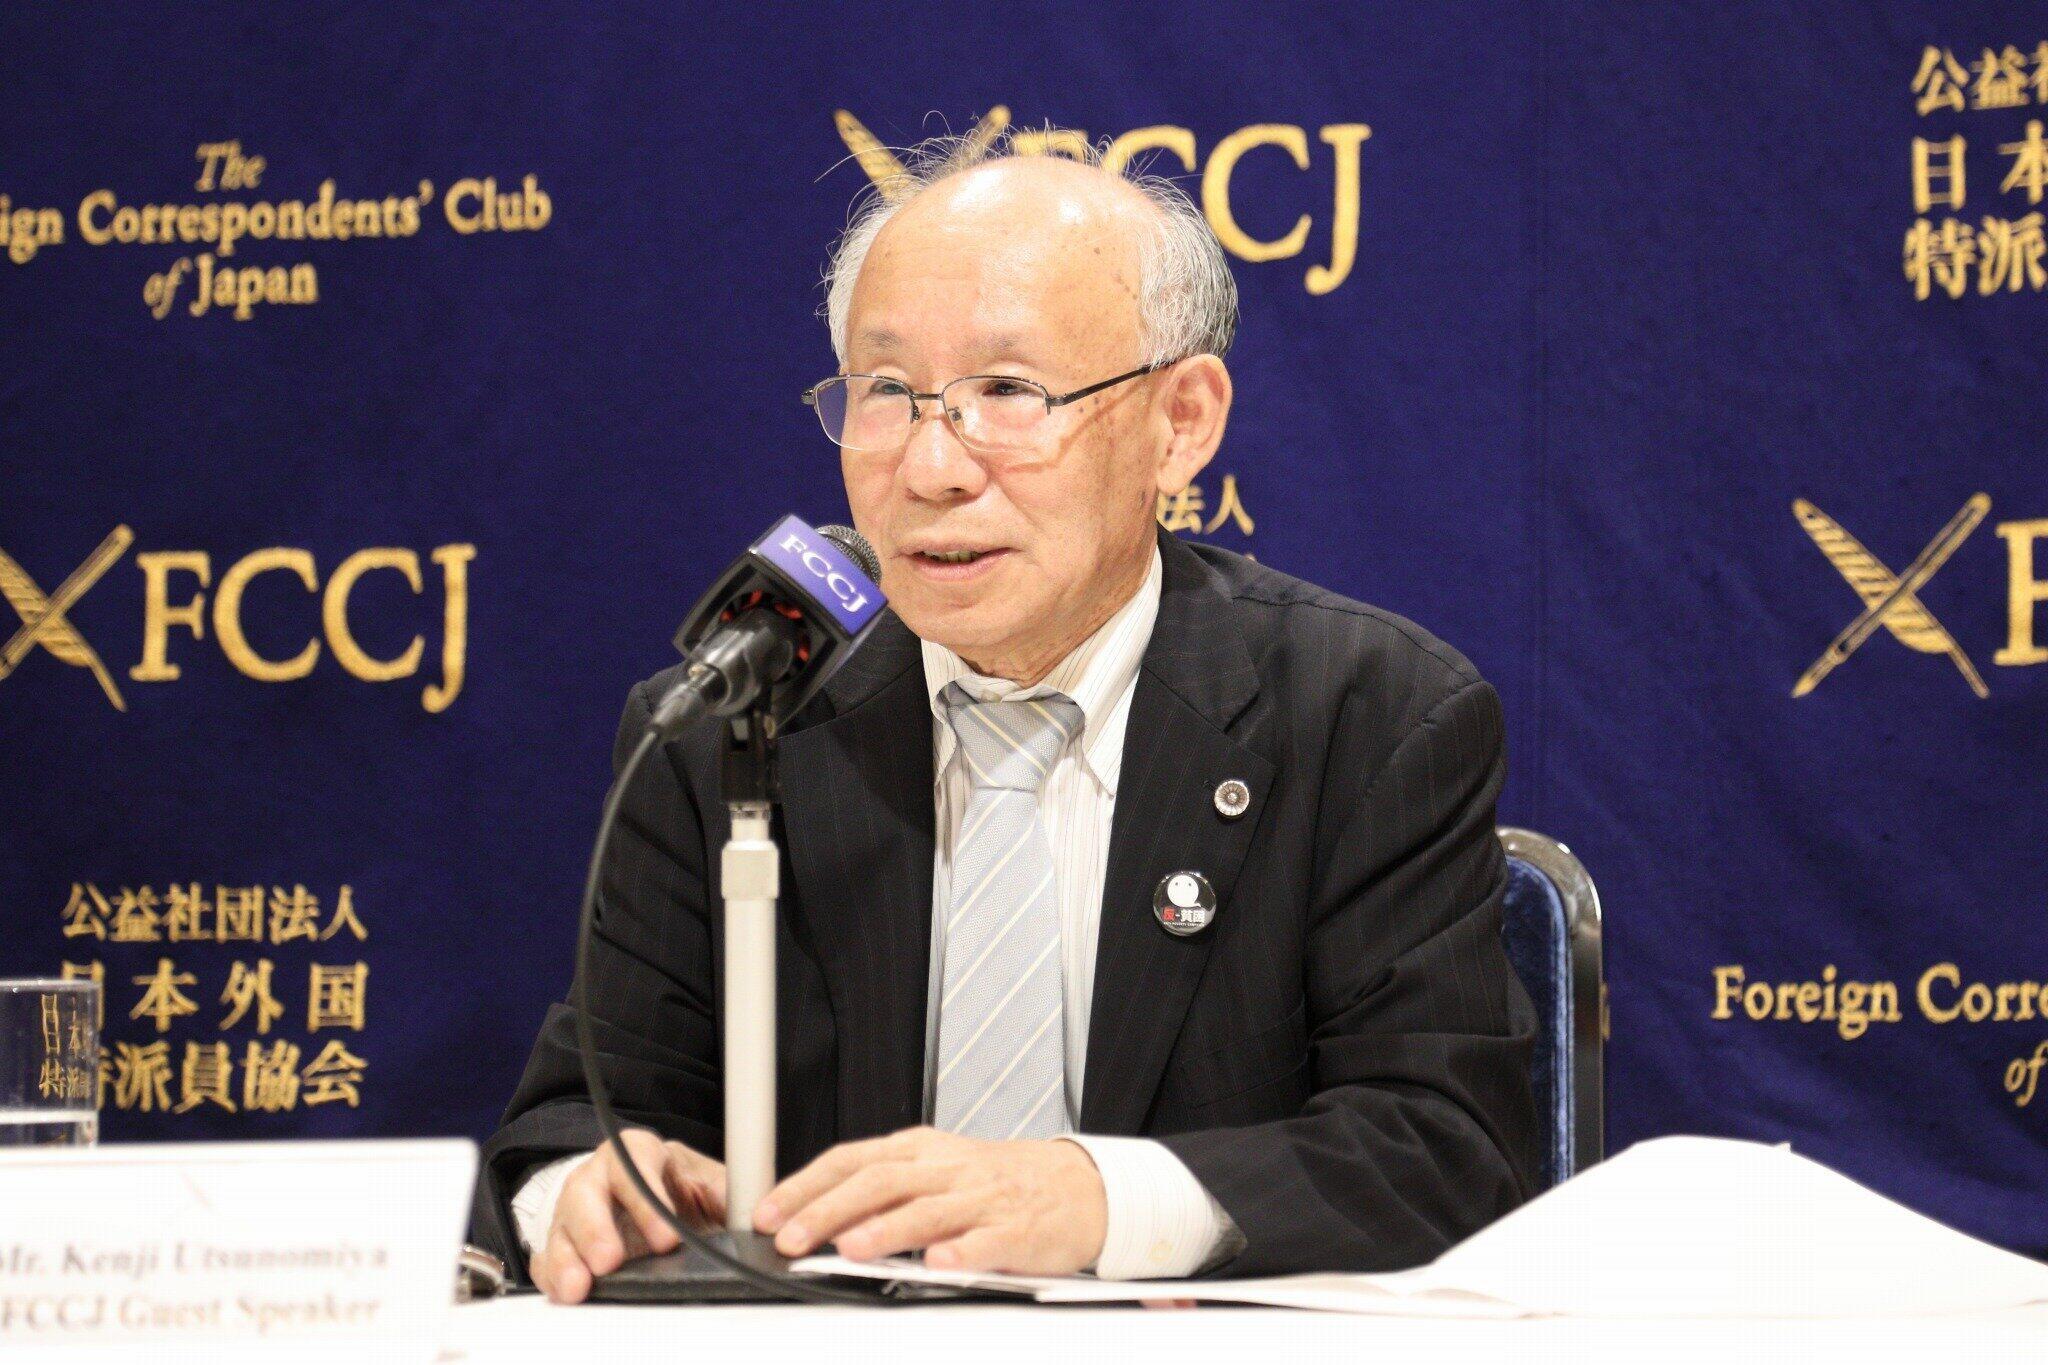 宇都宮健児氏、山本太郎氏に「堂々と討論したい」 直前会見、改めて見せた意志